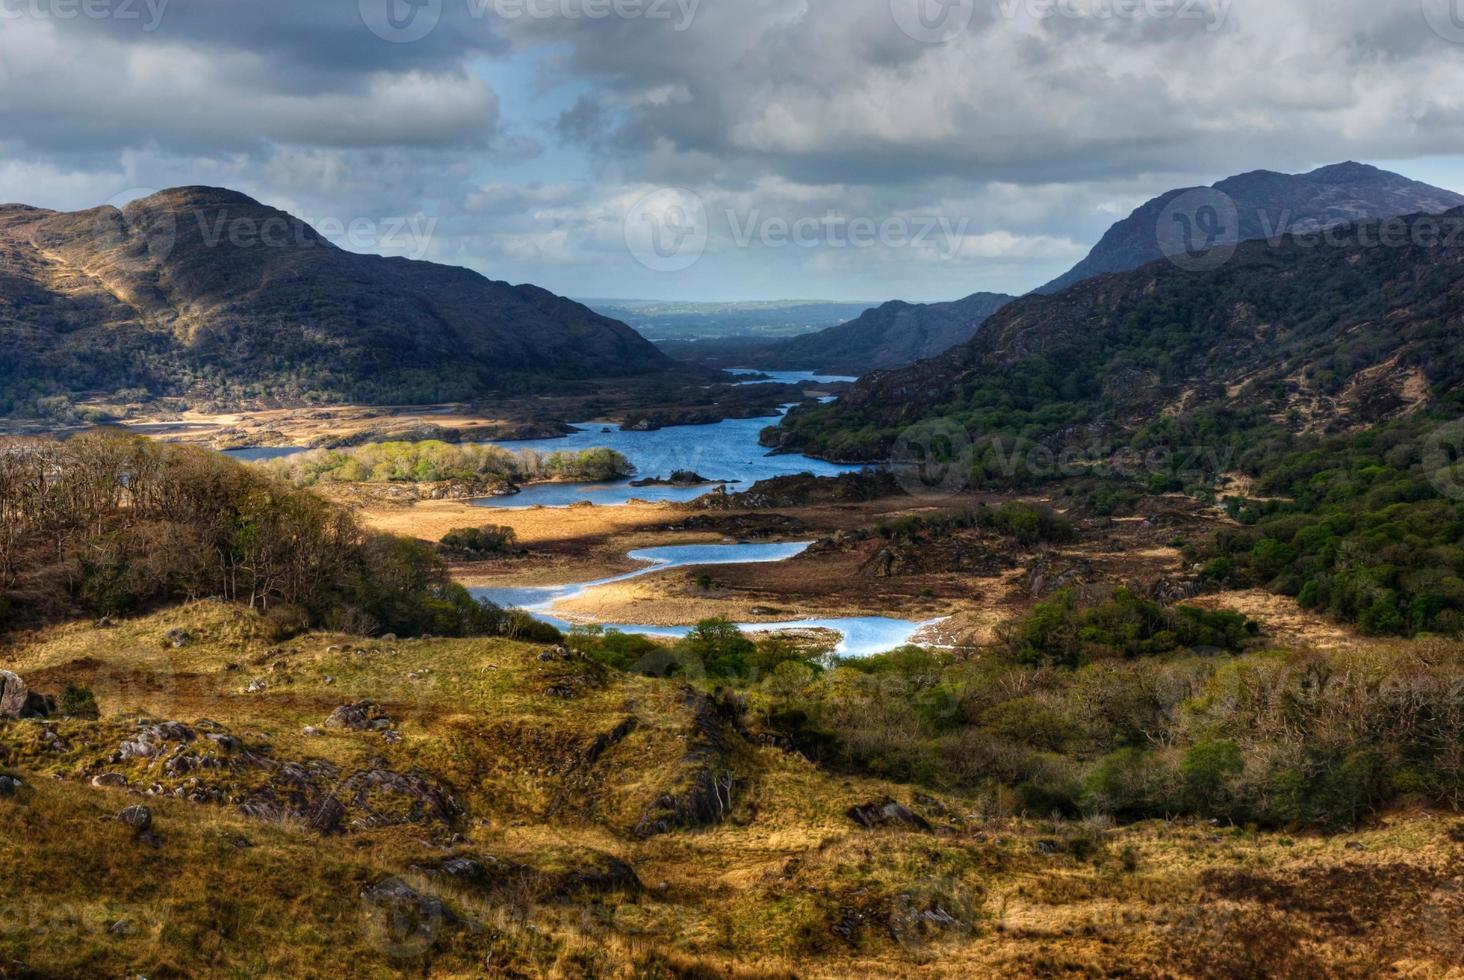 lagos e montanhas em área selvagem foto